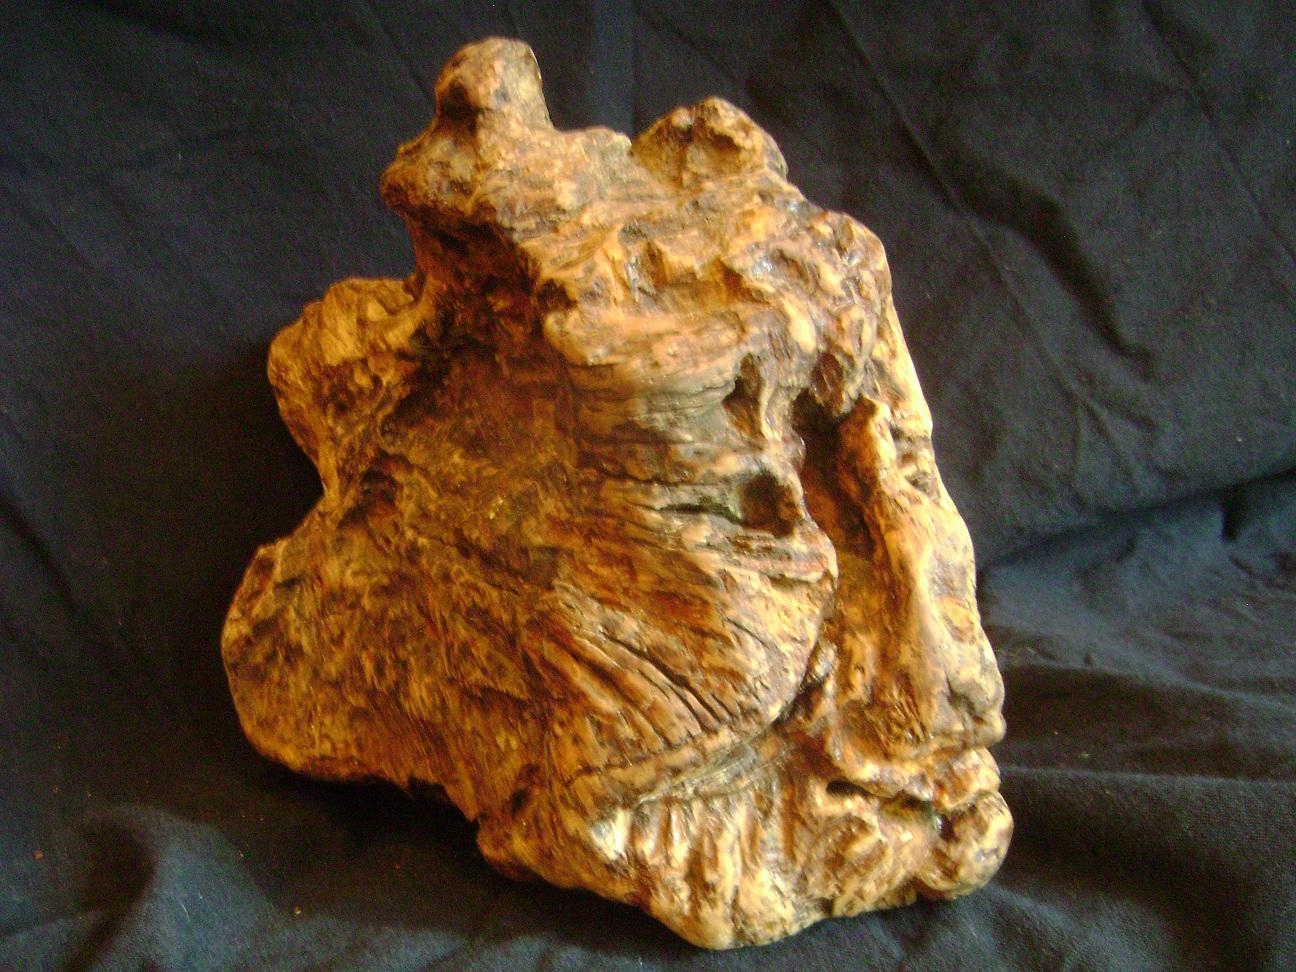 Skulptura_63_2.JPG